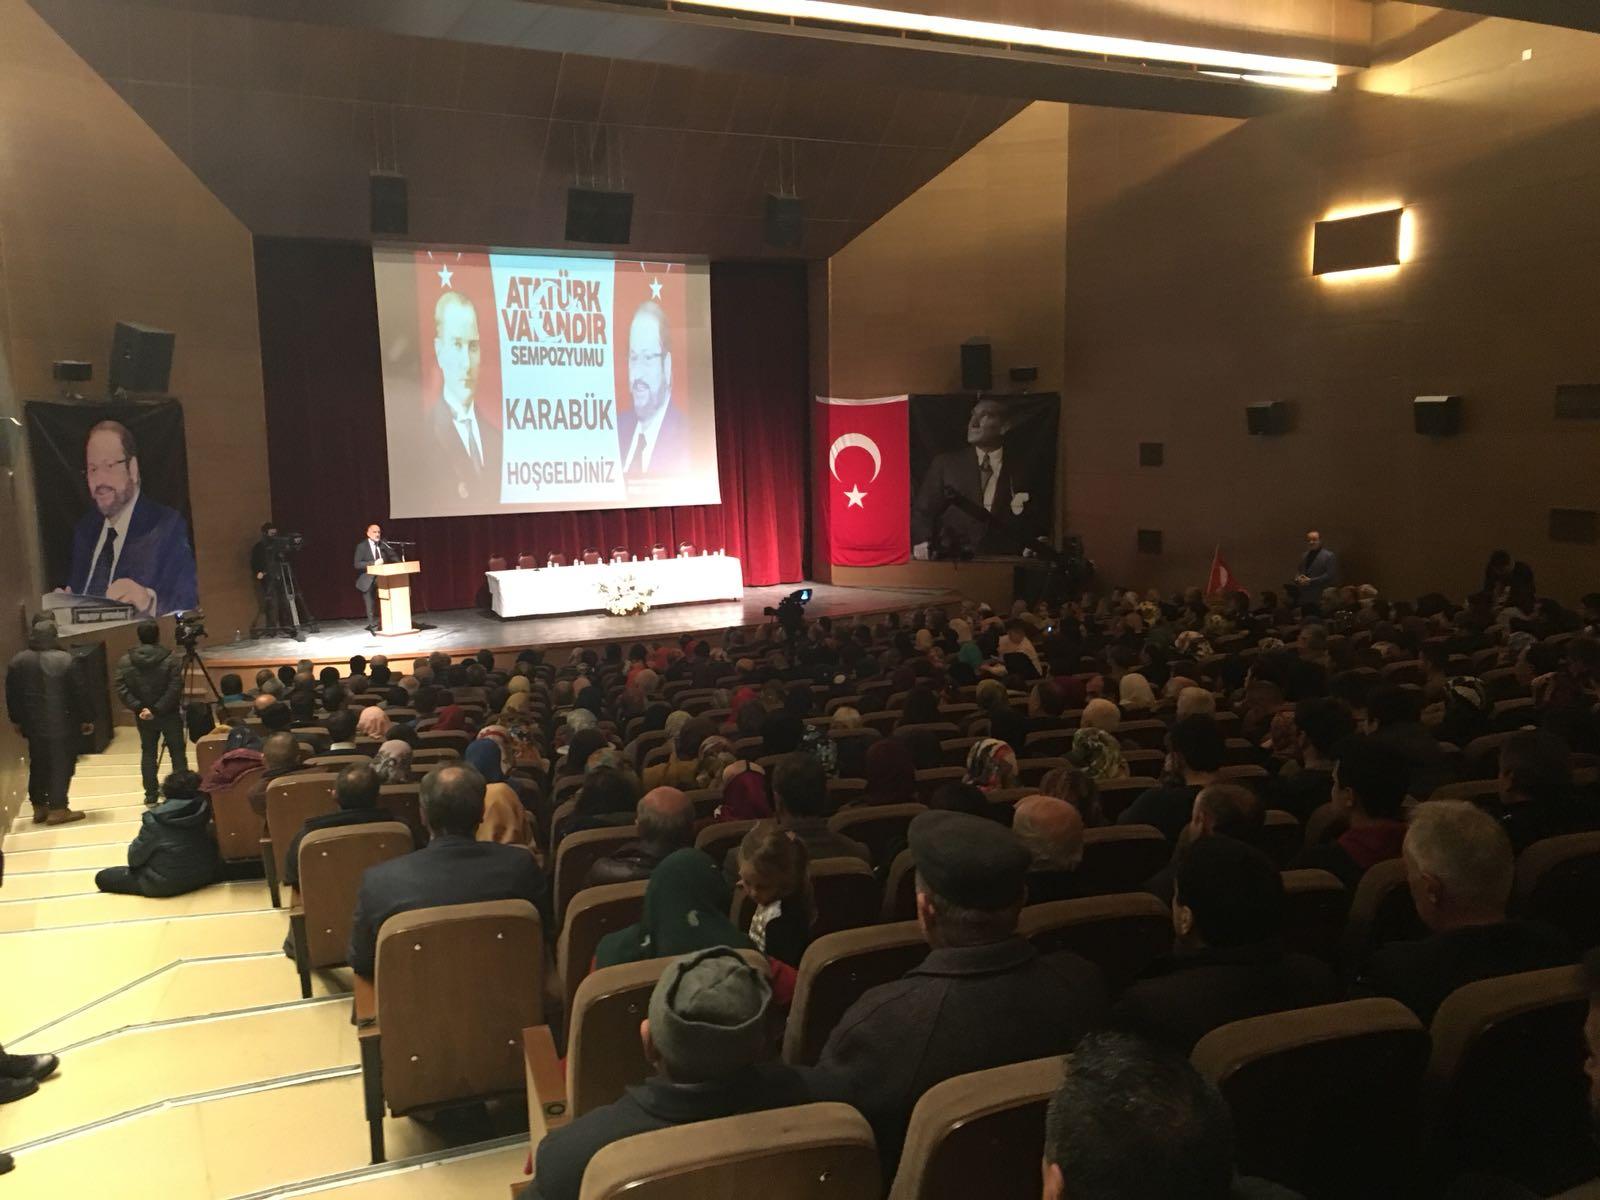 Atatürk Vatandır Sempozyumu Yapıldı